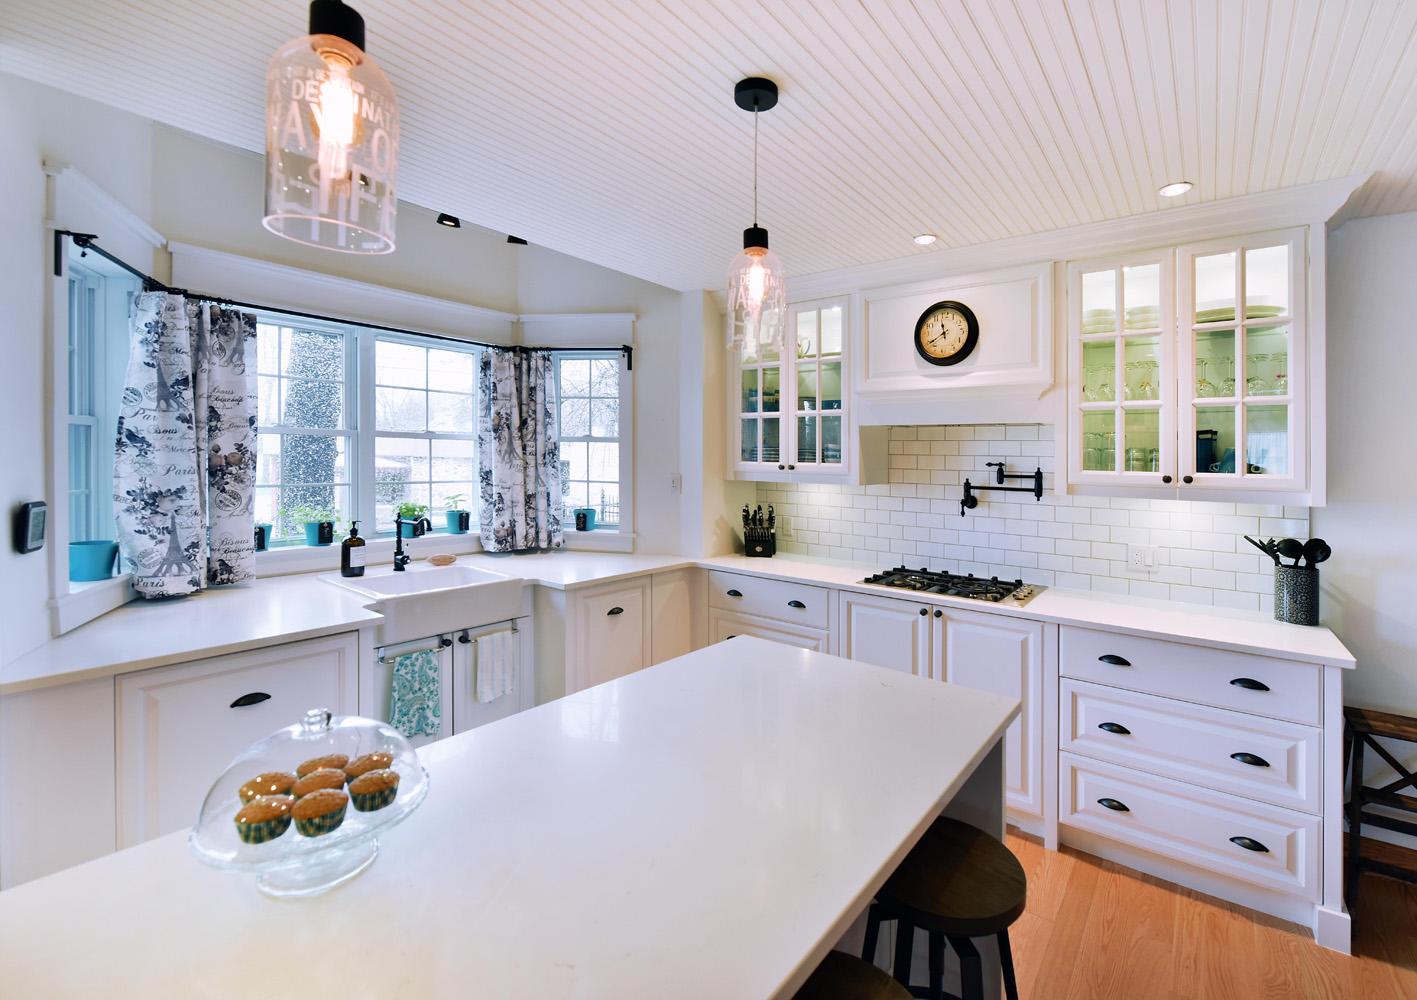 Nouveaut armoire de cuisine cuisine sur mesure for Nouveaute accessoire cuisine